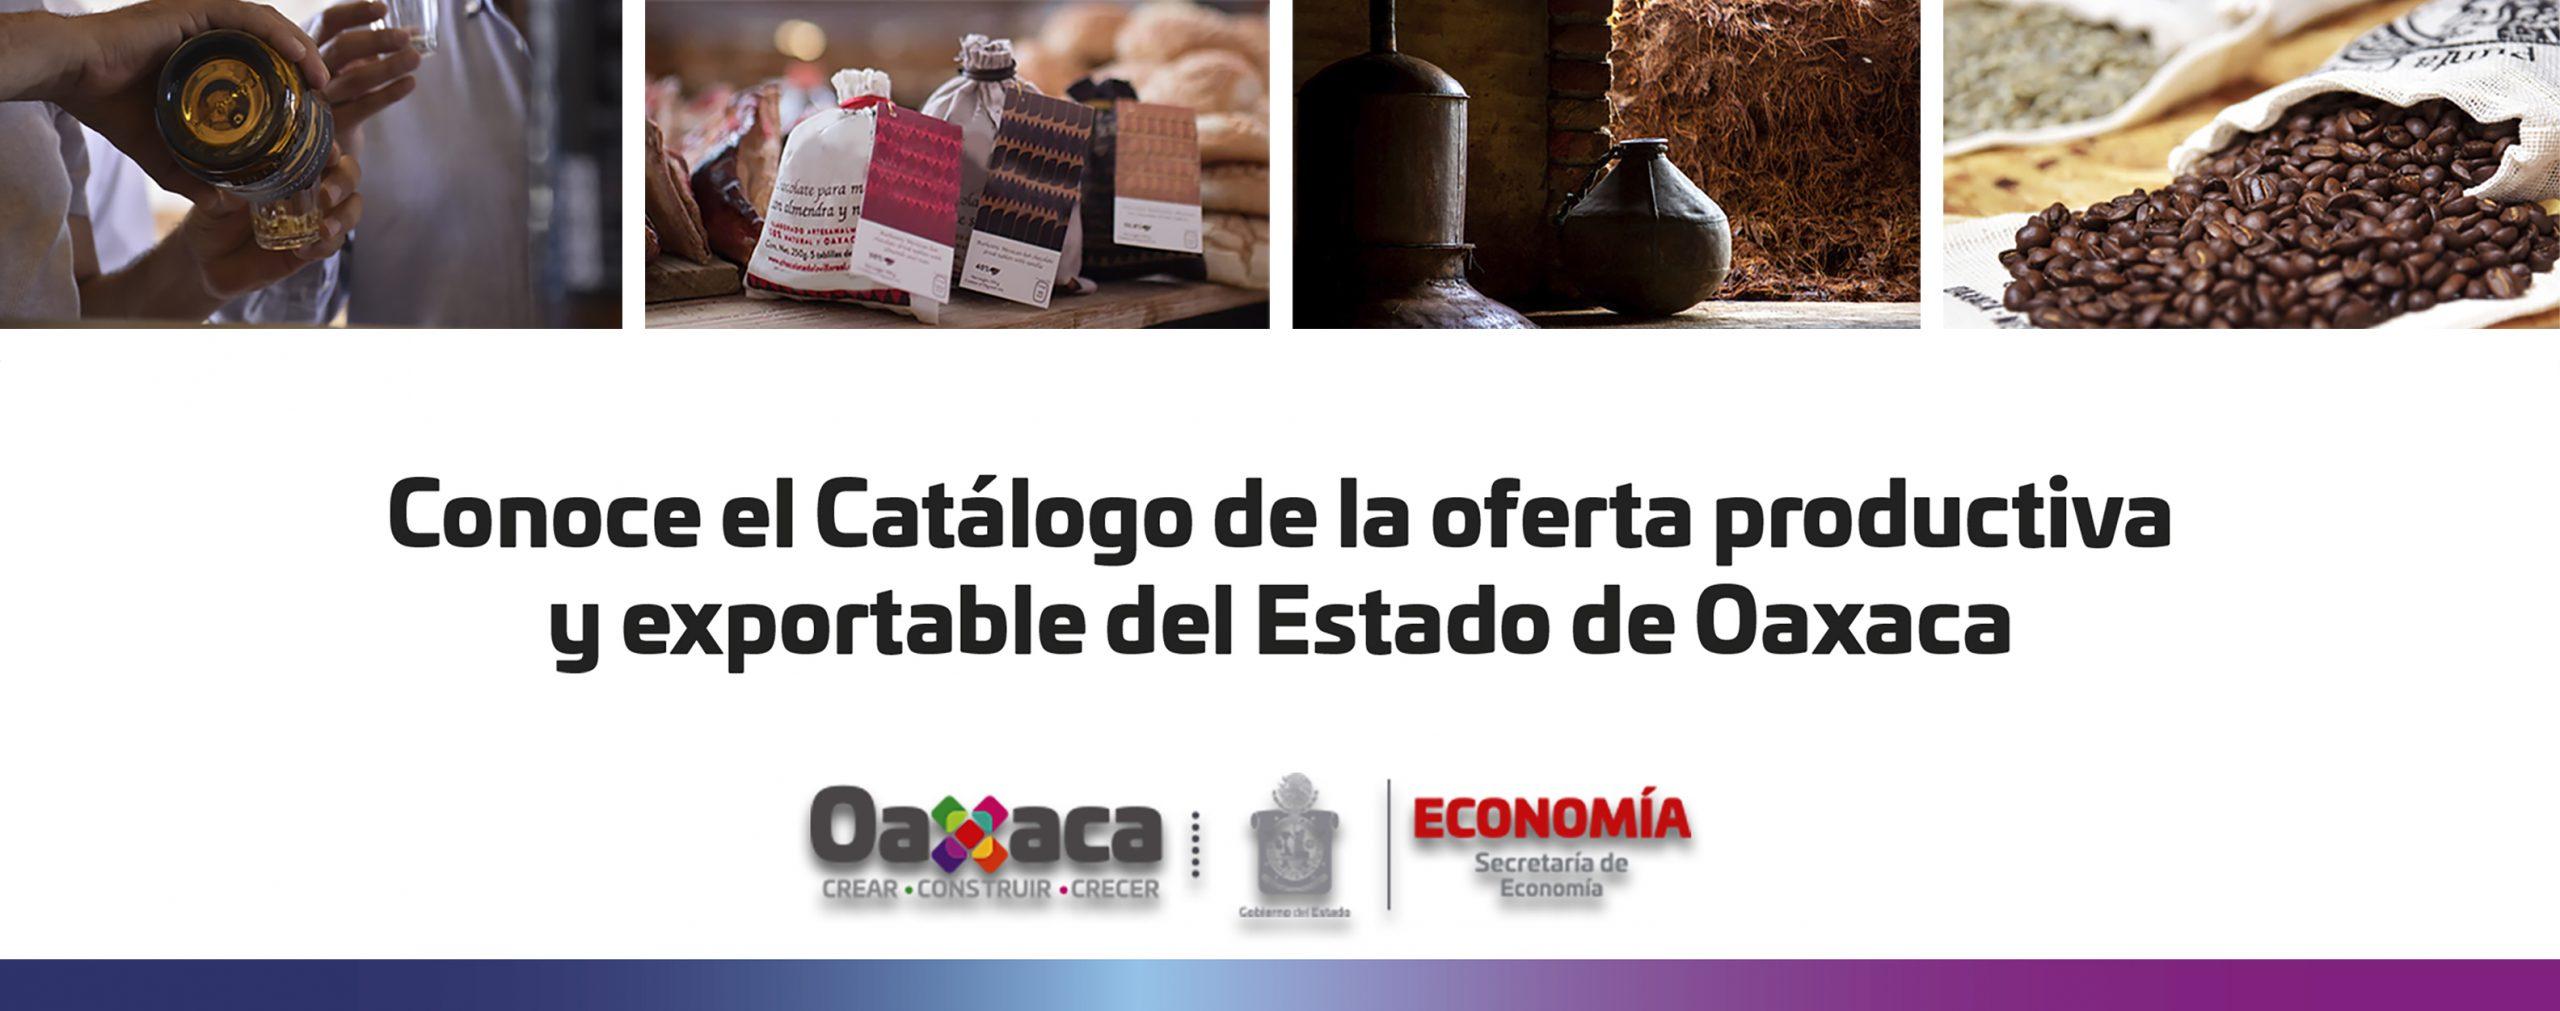 Catálogo de la oferta exportable